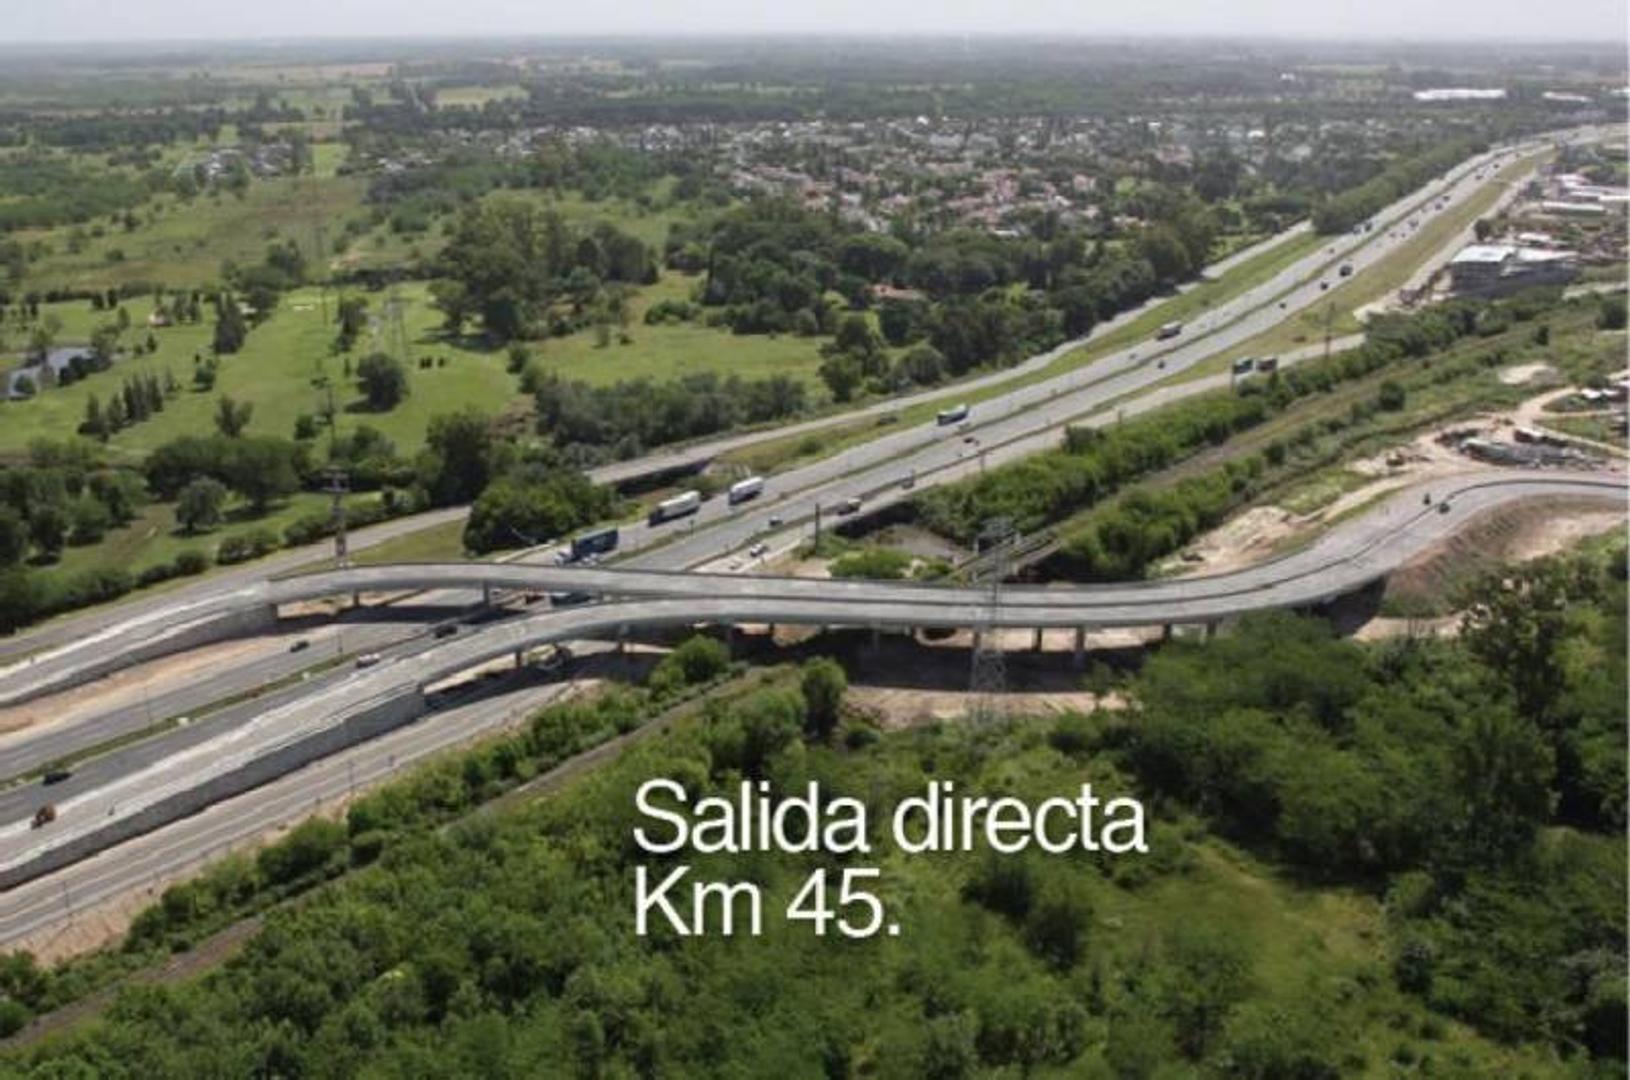 PUERTOS - BARRIO MUELLE - RAMAL ESCOBAR KM 45 - LOTE 140 - 100